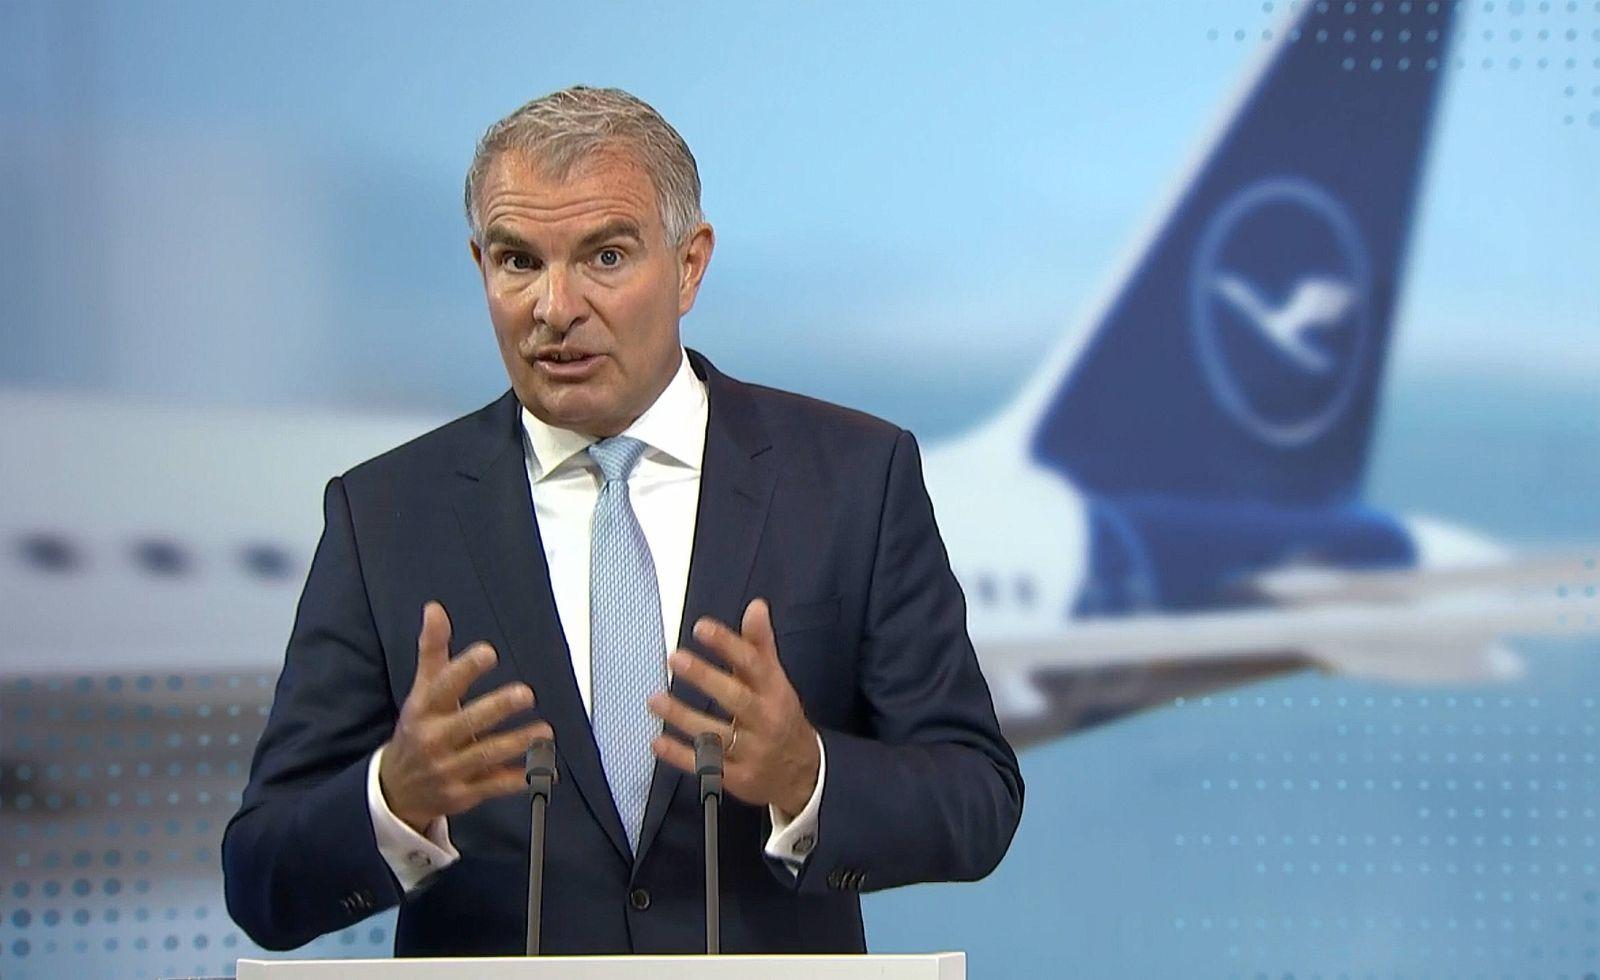 Deutschland, Frankfurt, 04.05.2021 Hauptversammlung der Lufthansa Group Foto: Carsten Spohr, Vorstandsvorsitzender (CEO